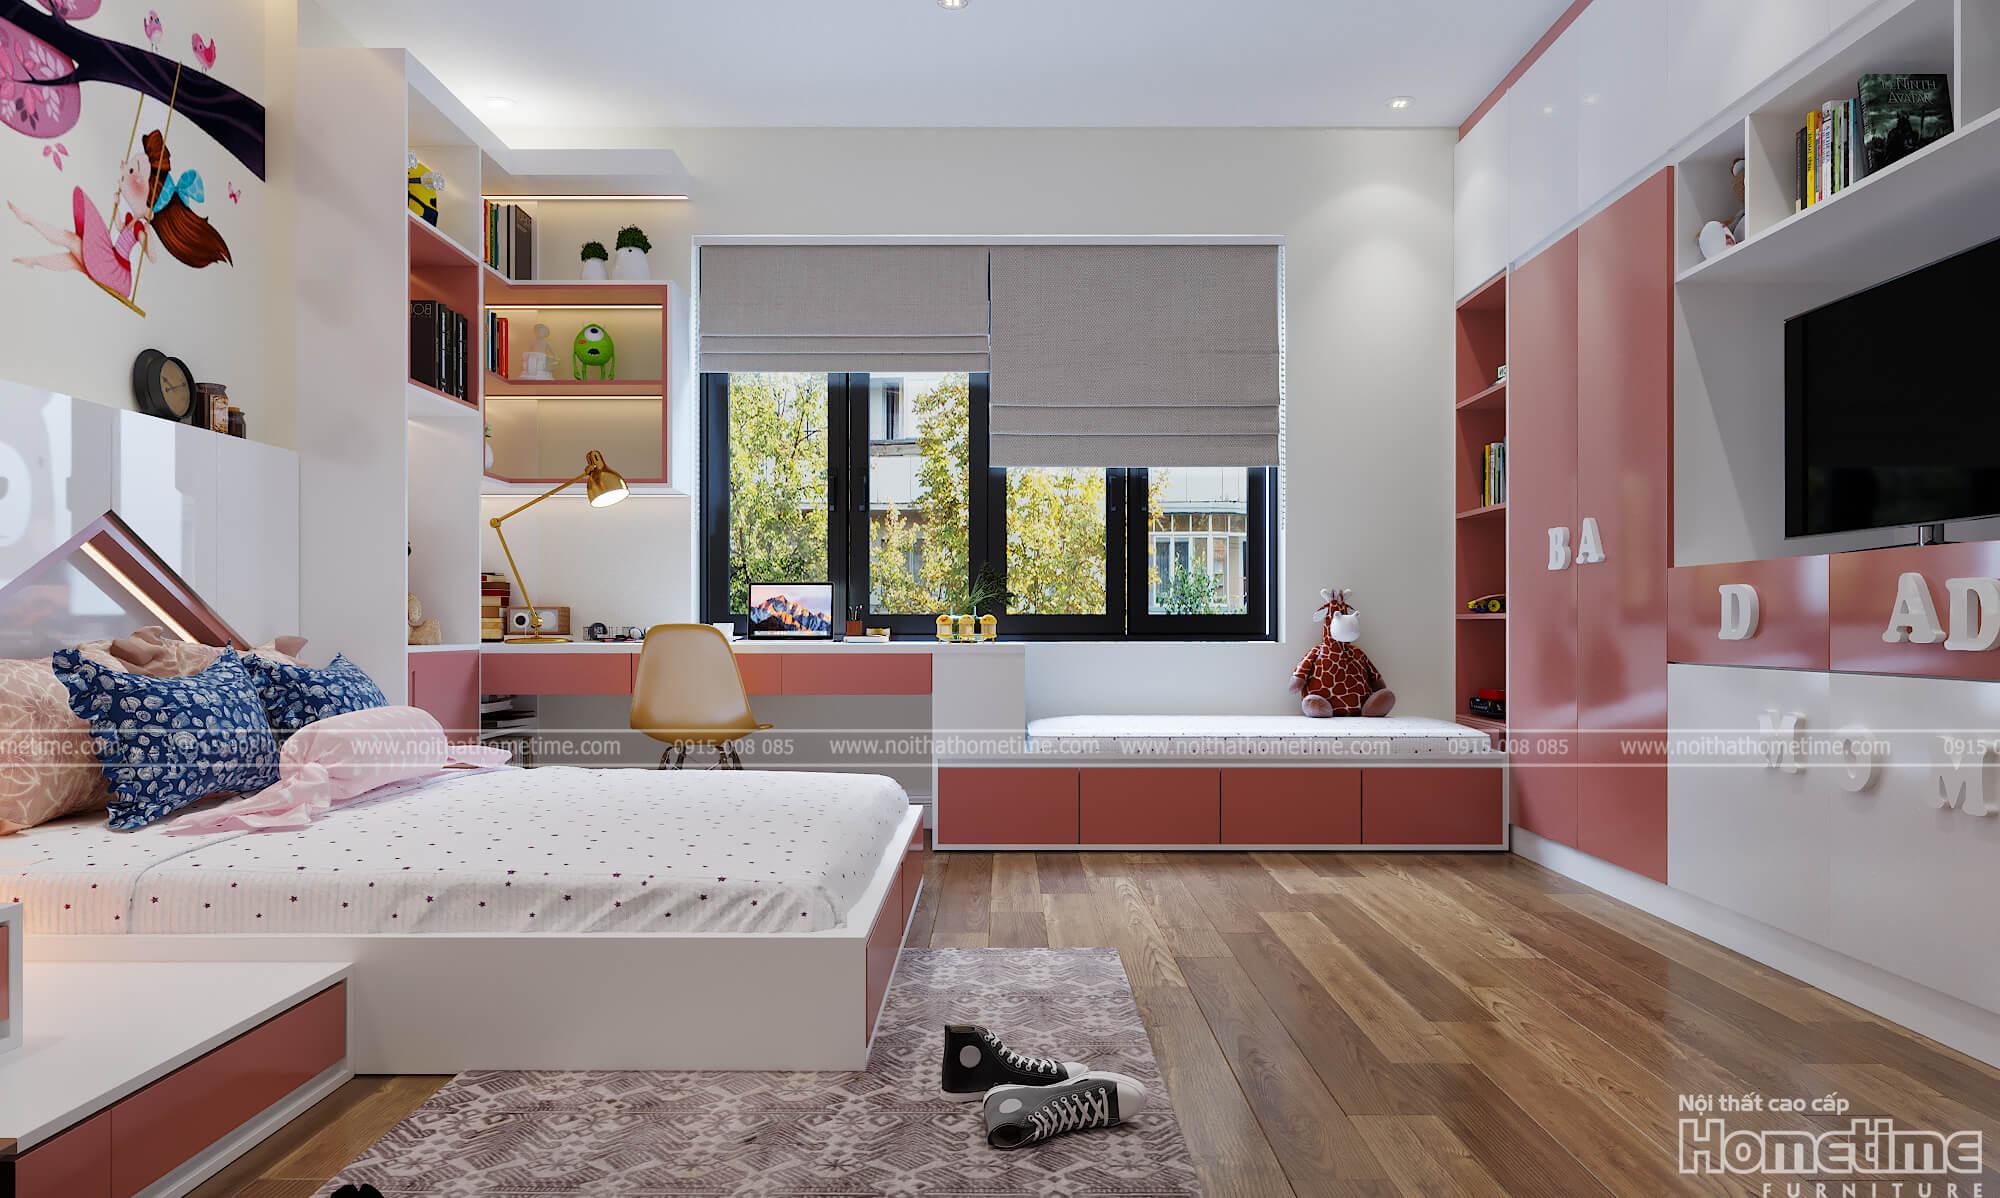 Cùng ngắm nhìn không gian phòng ngủ bé gái hướng ra ngoài